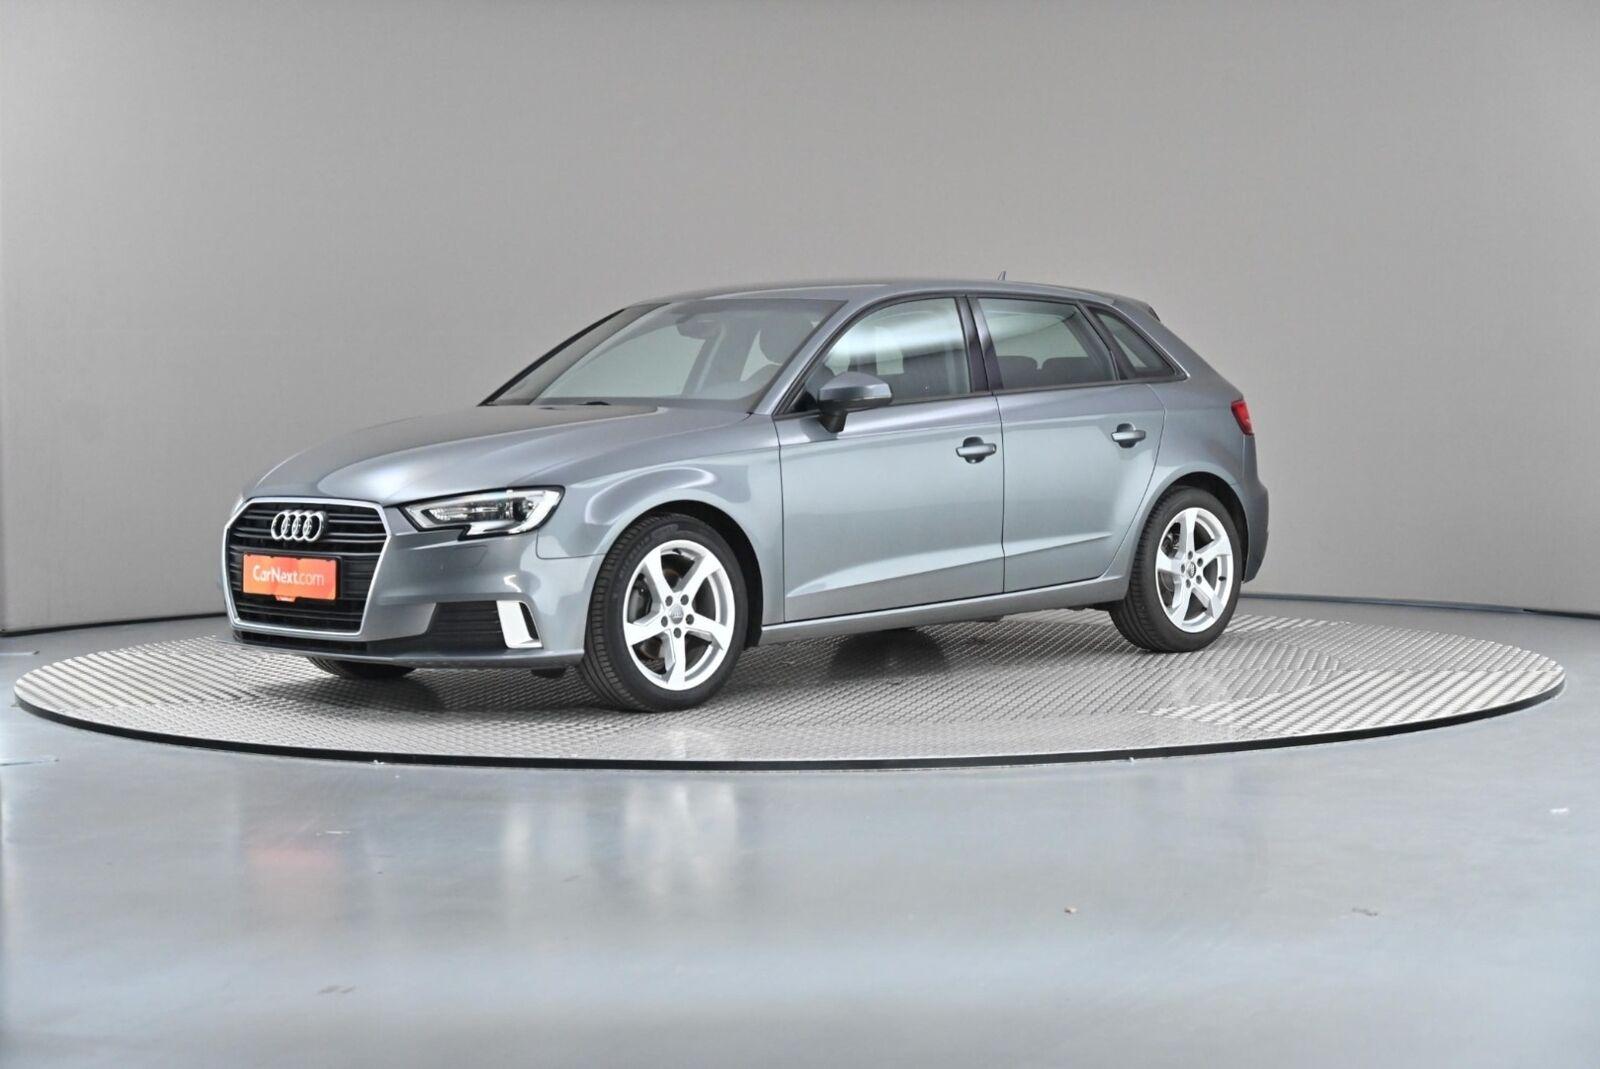 Audi A3 1,6 TDi 116 Sport Sportback 5d - 199.900 kr.